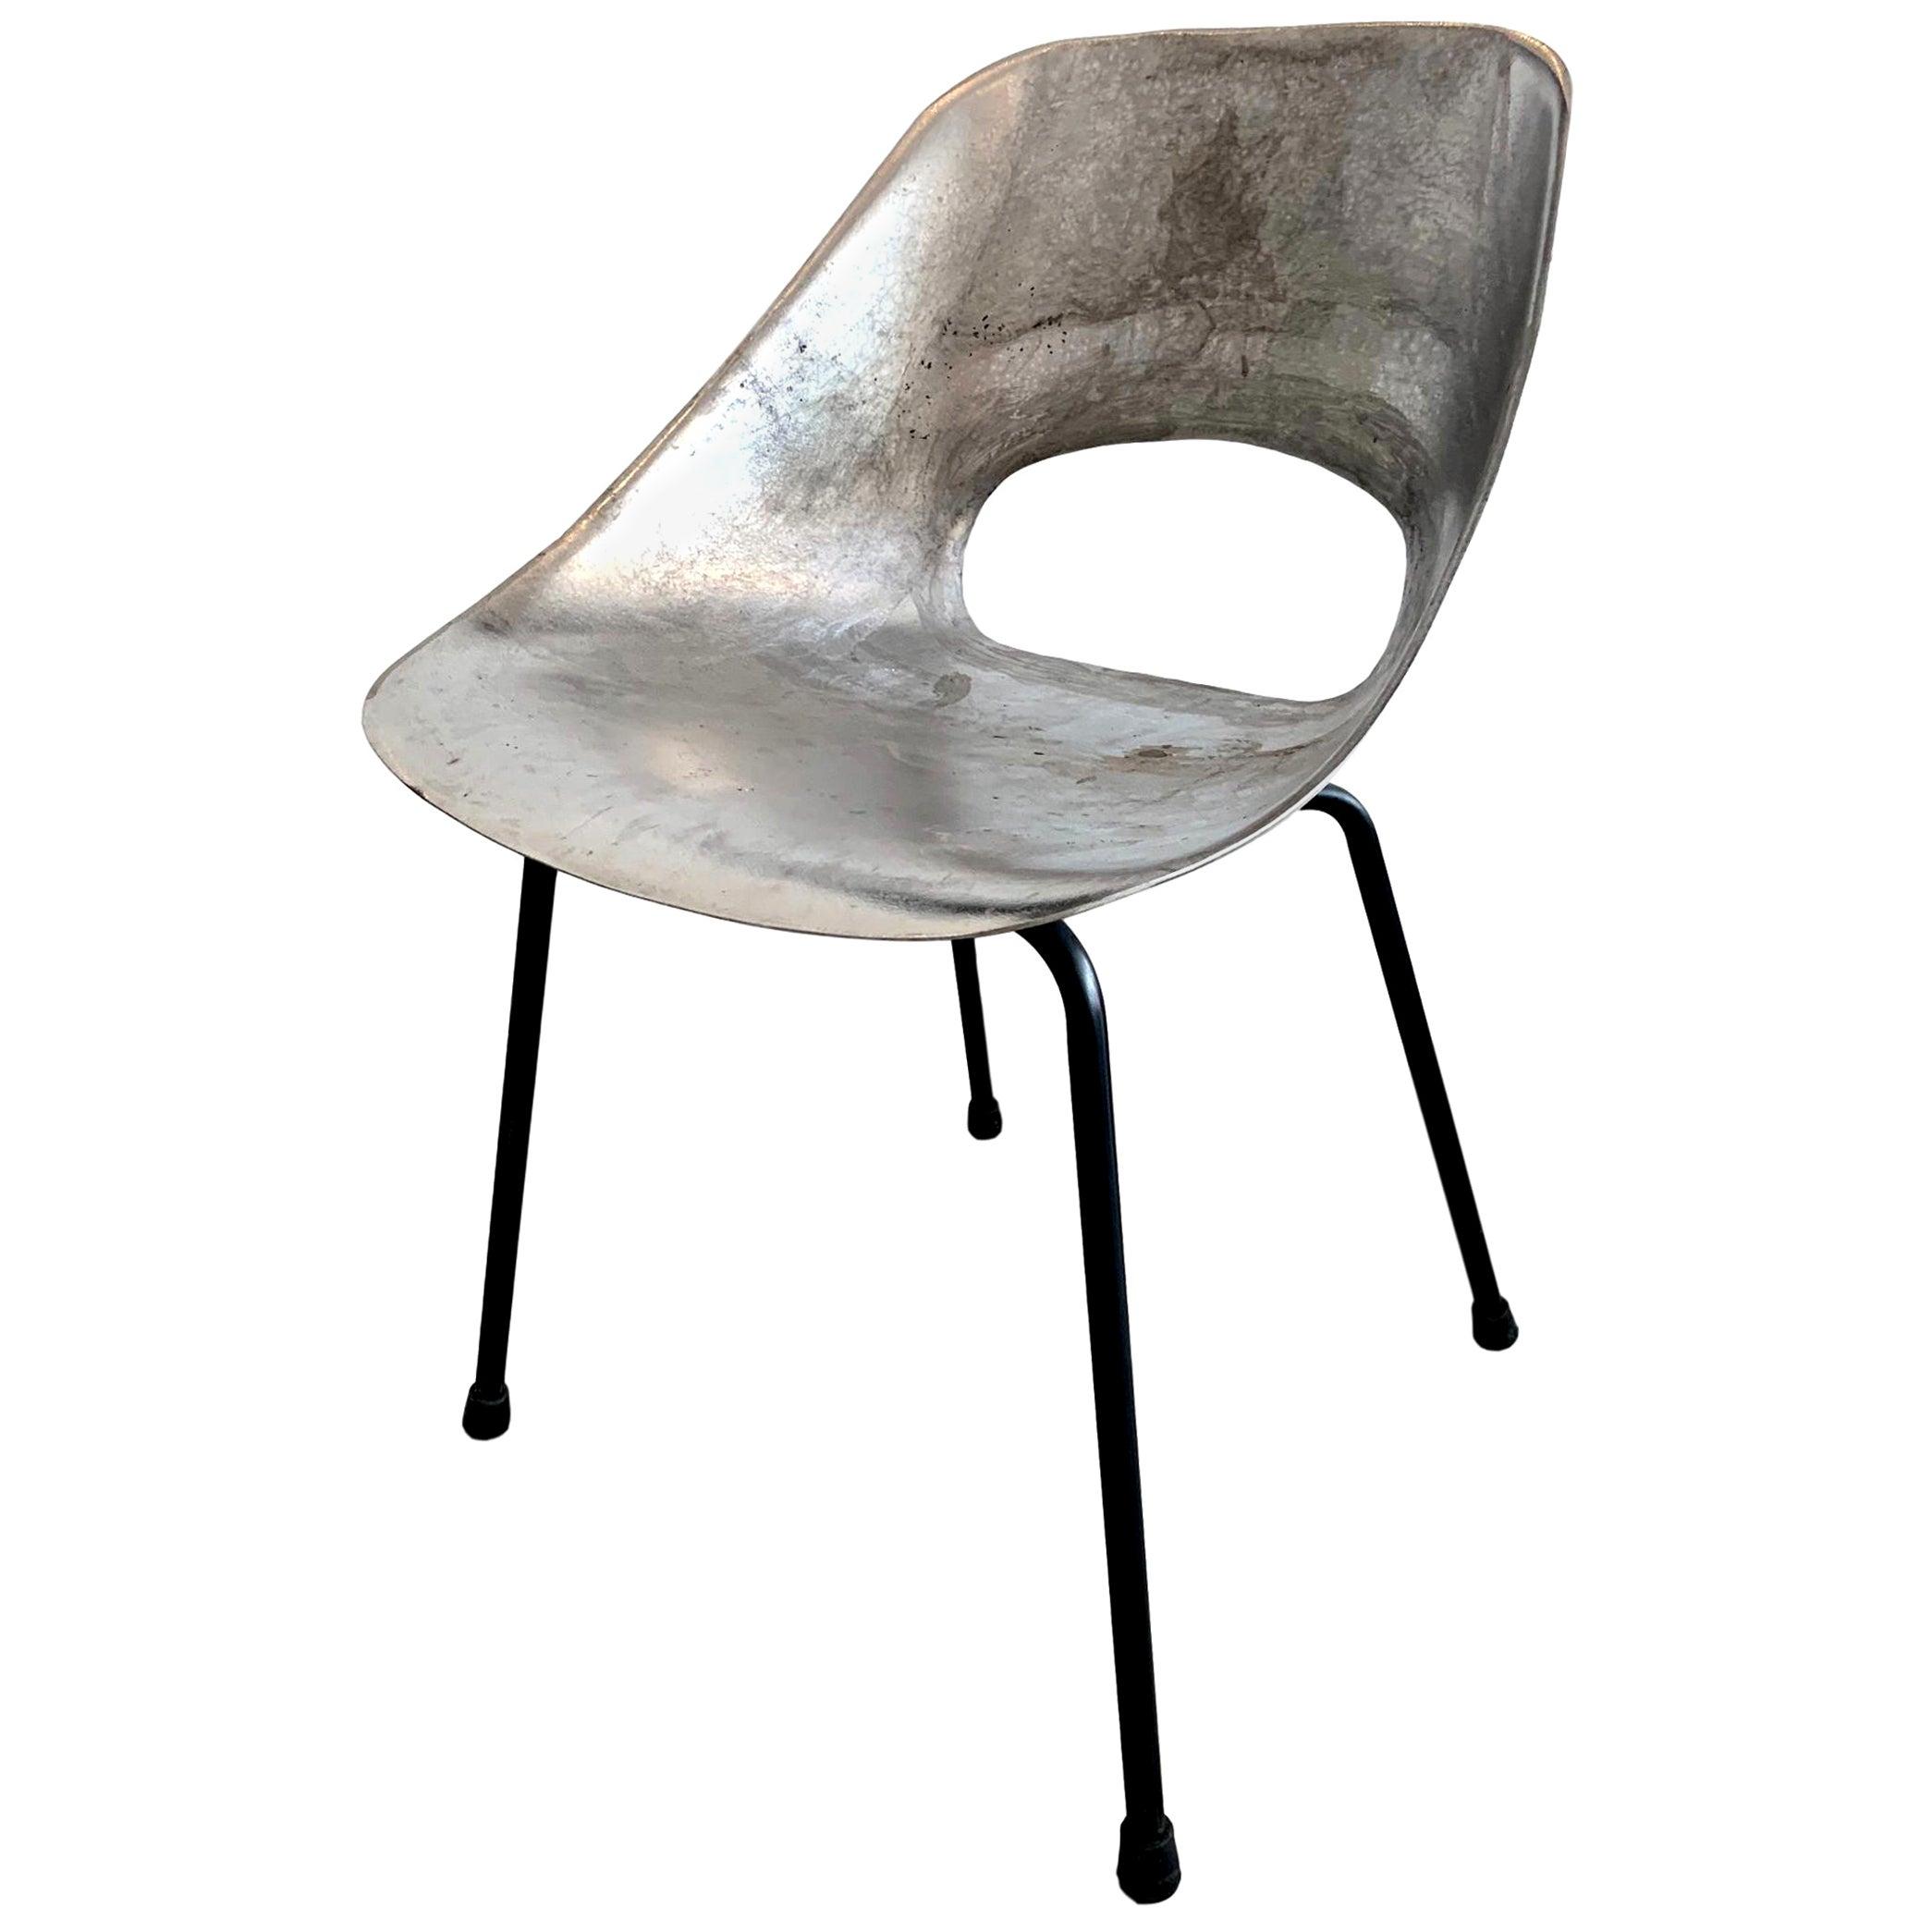 Cast Aluminum Chairs by Pierre Guariche